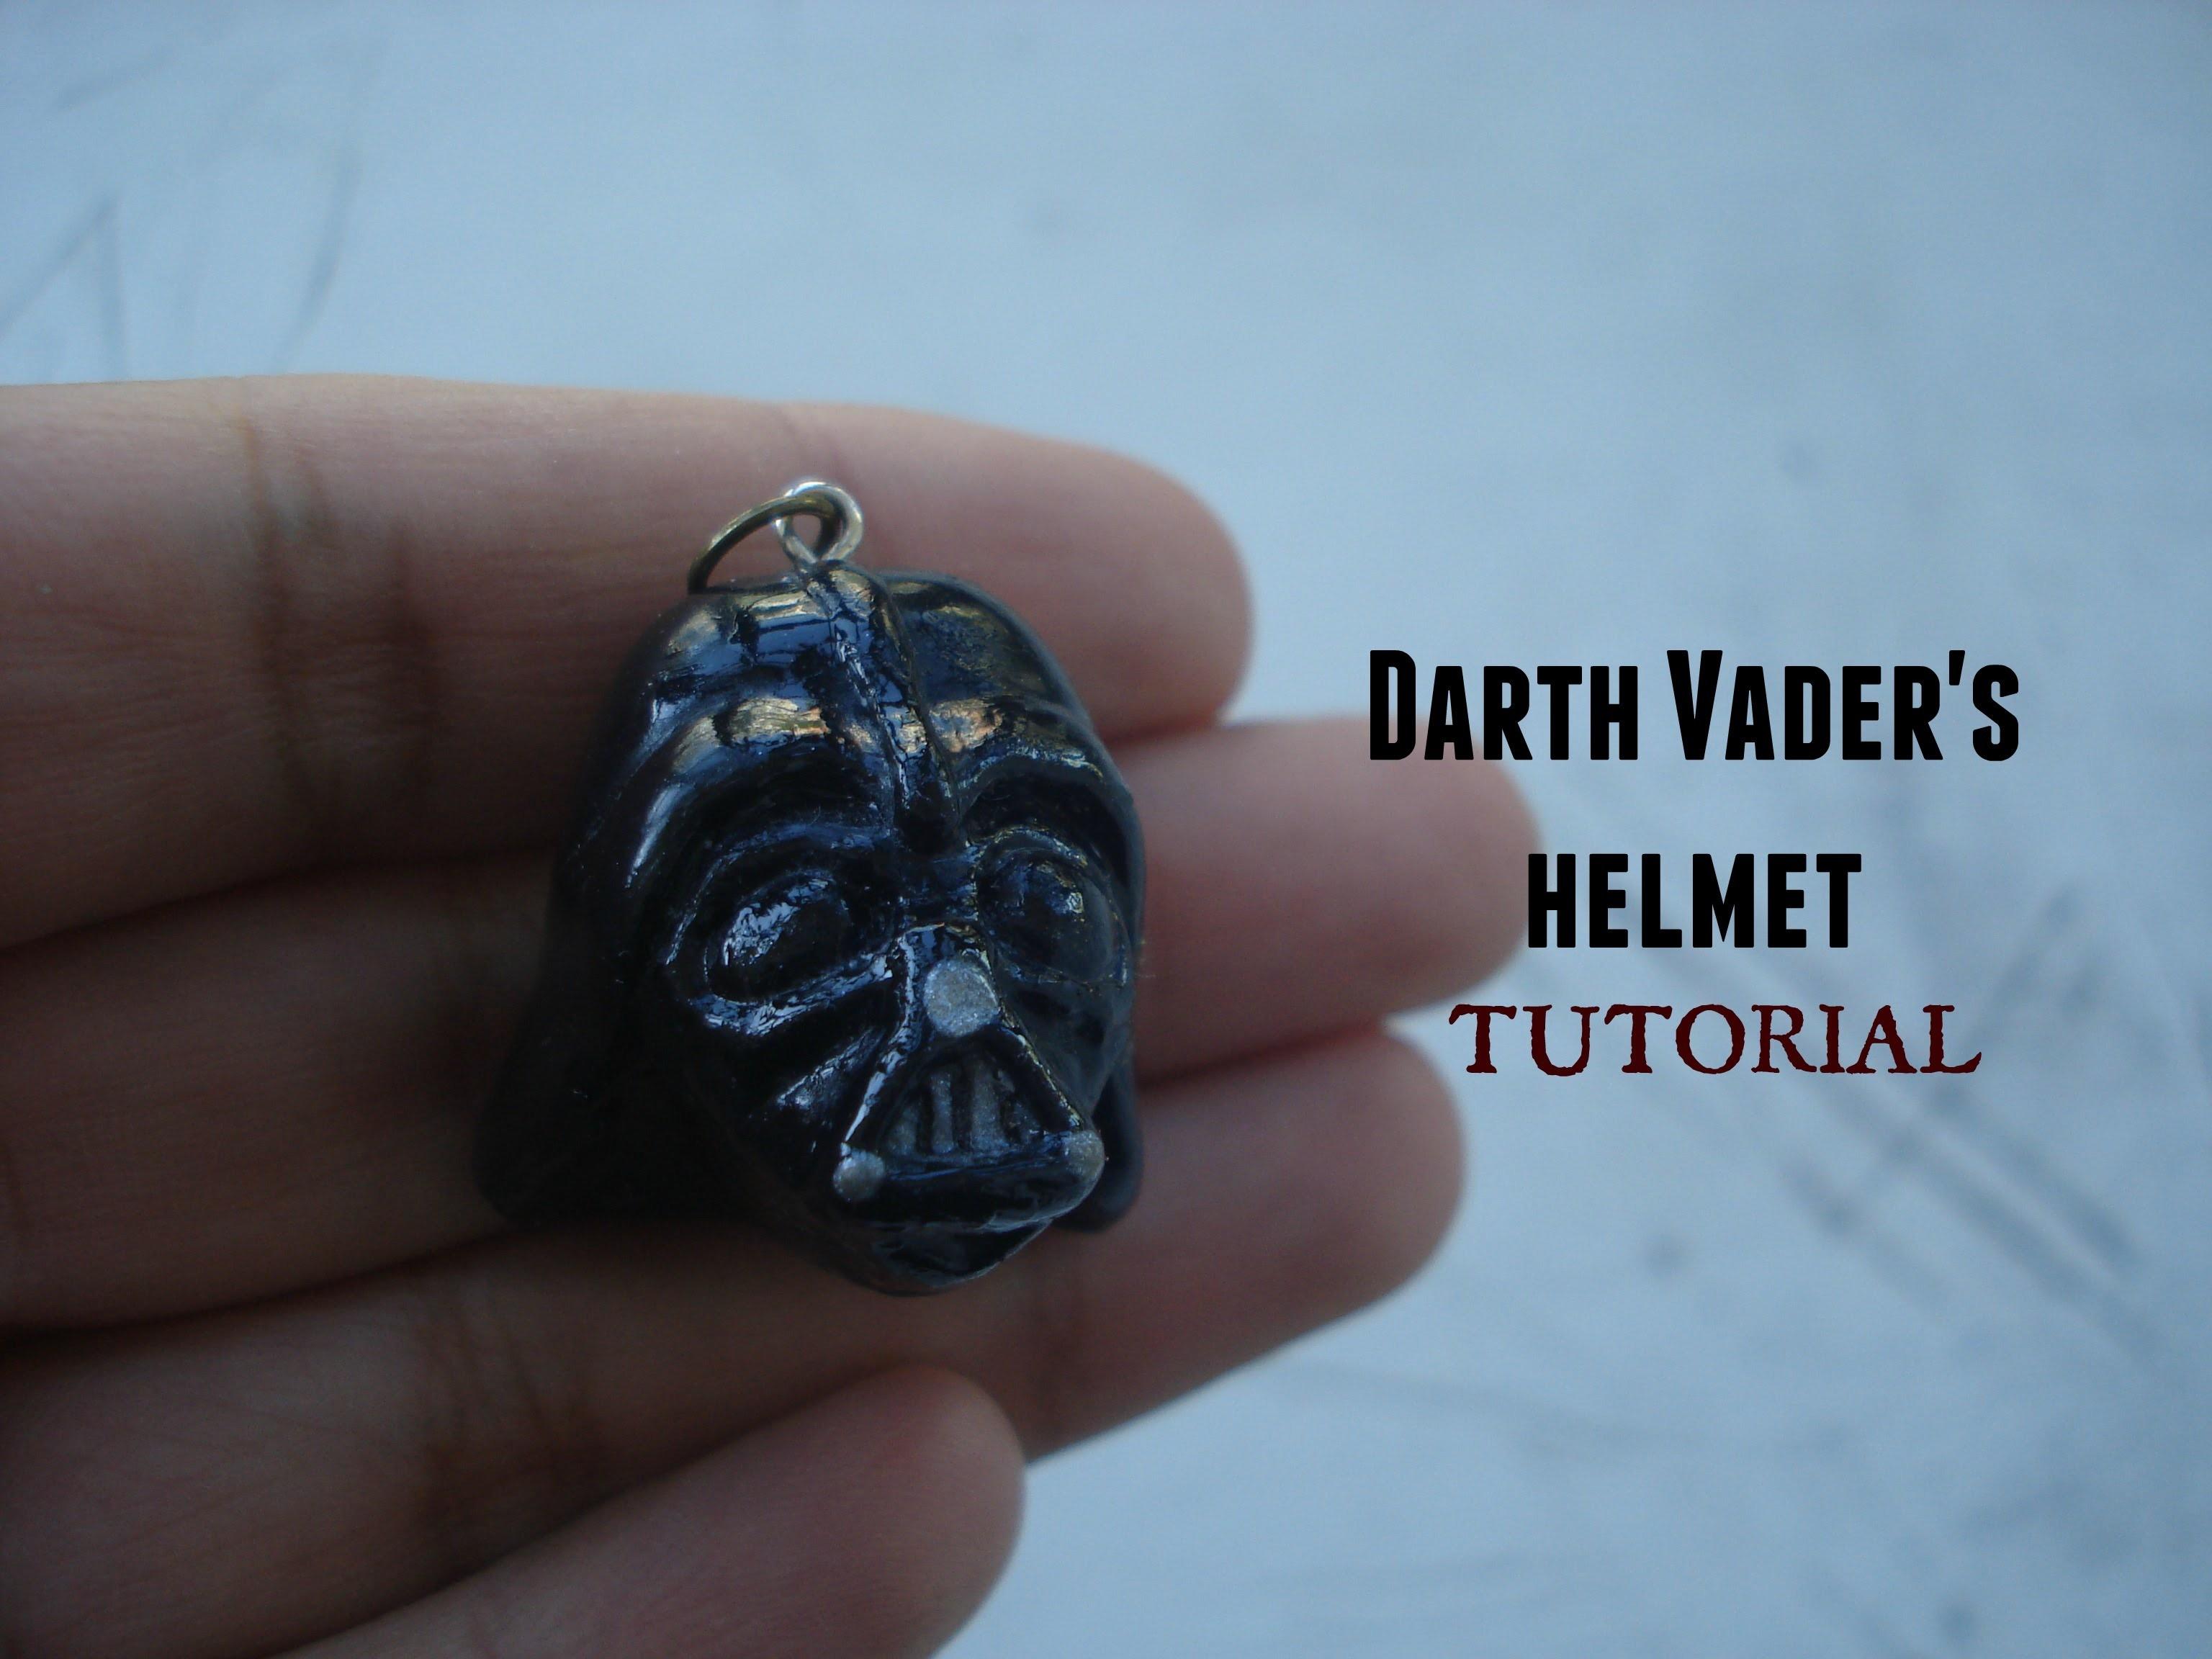 Darth Vader's helmet tutorial. polymer clay